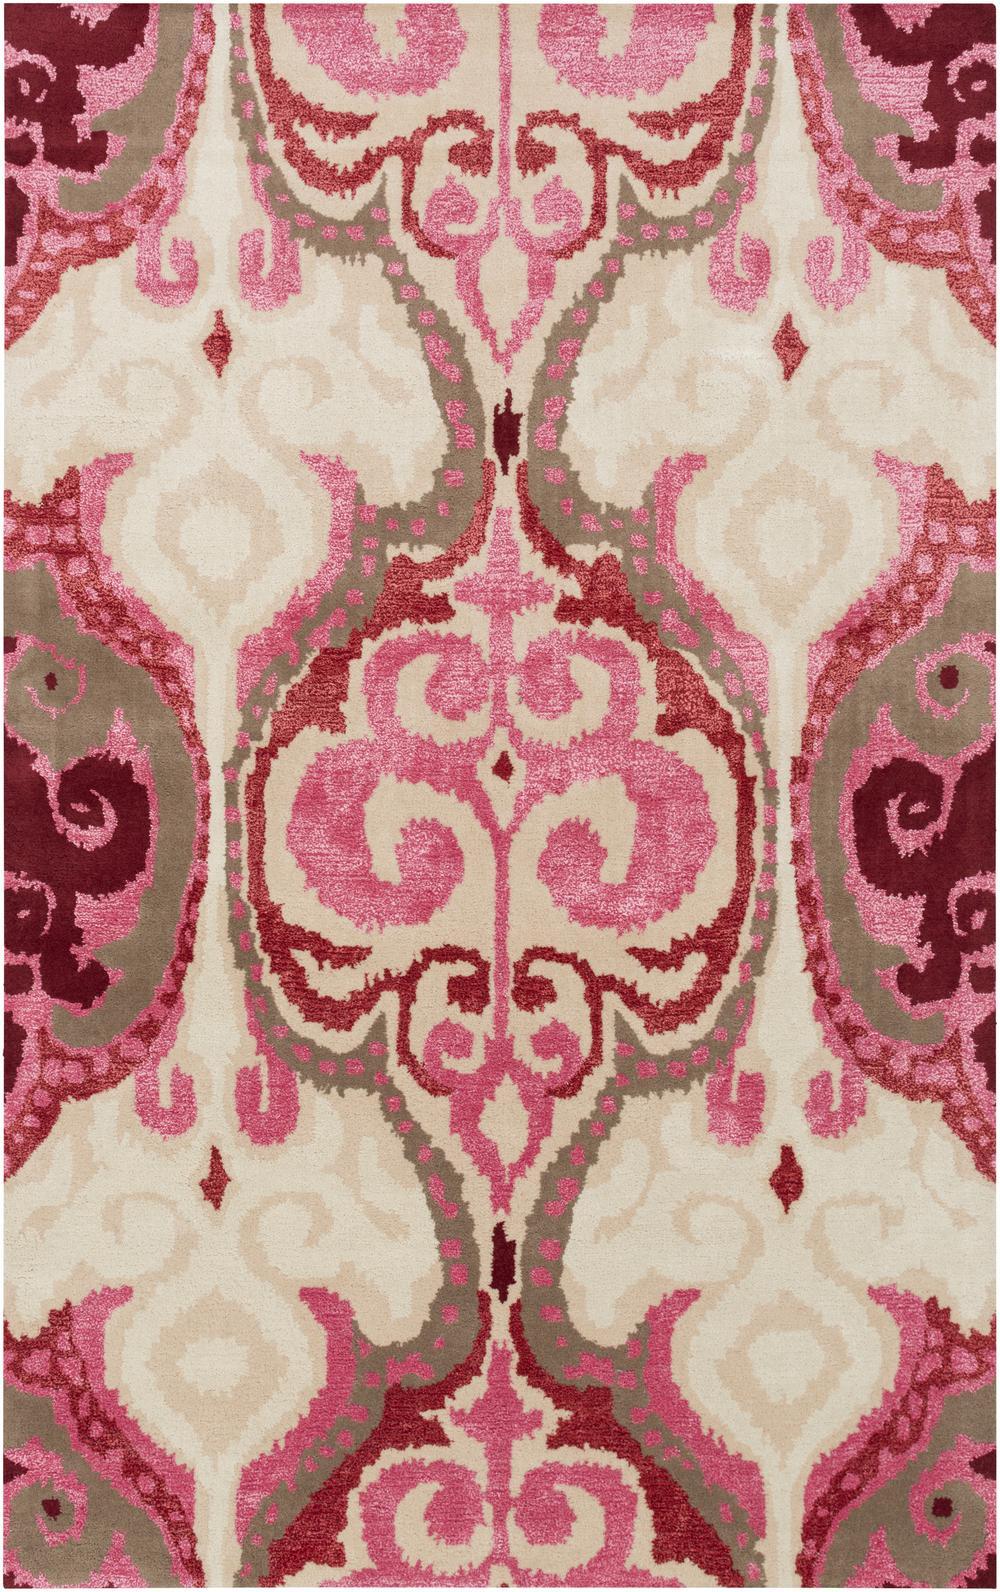 Surya Banshee BAN3349 Red Area Rug | Free Shipping - Surya Banshee BAN3349. Hover to zoom